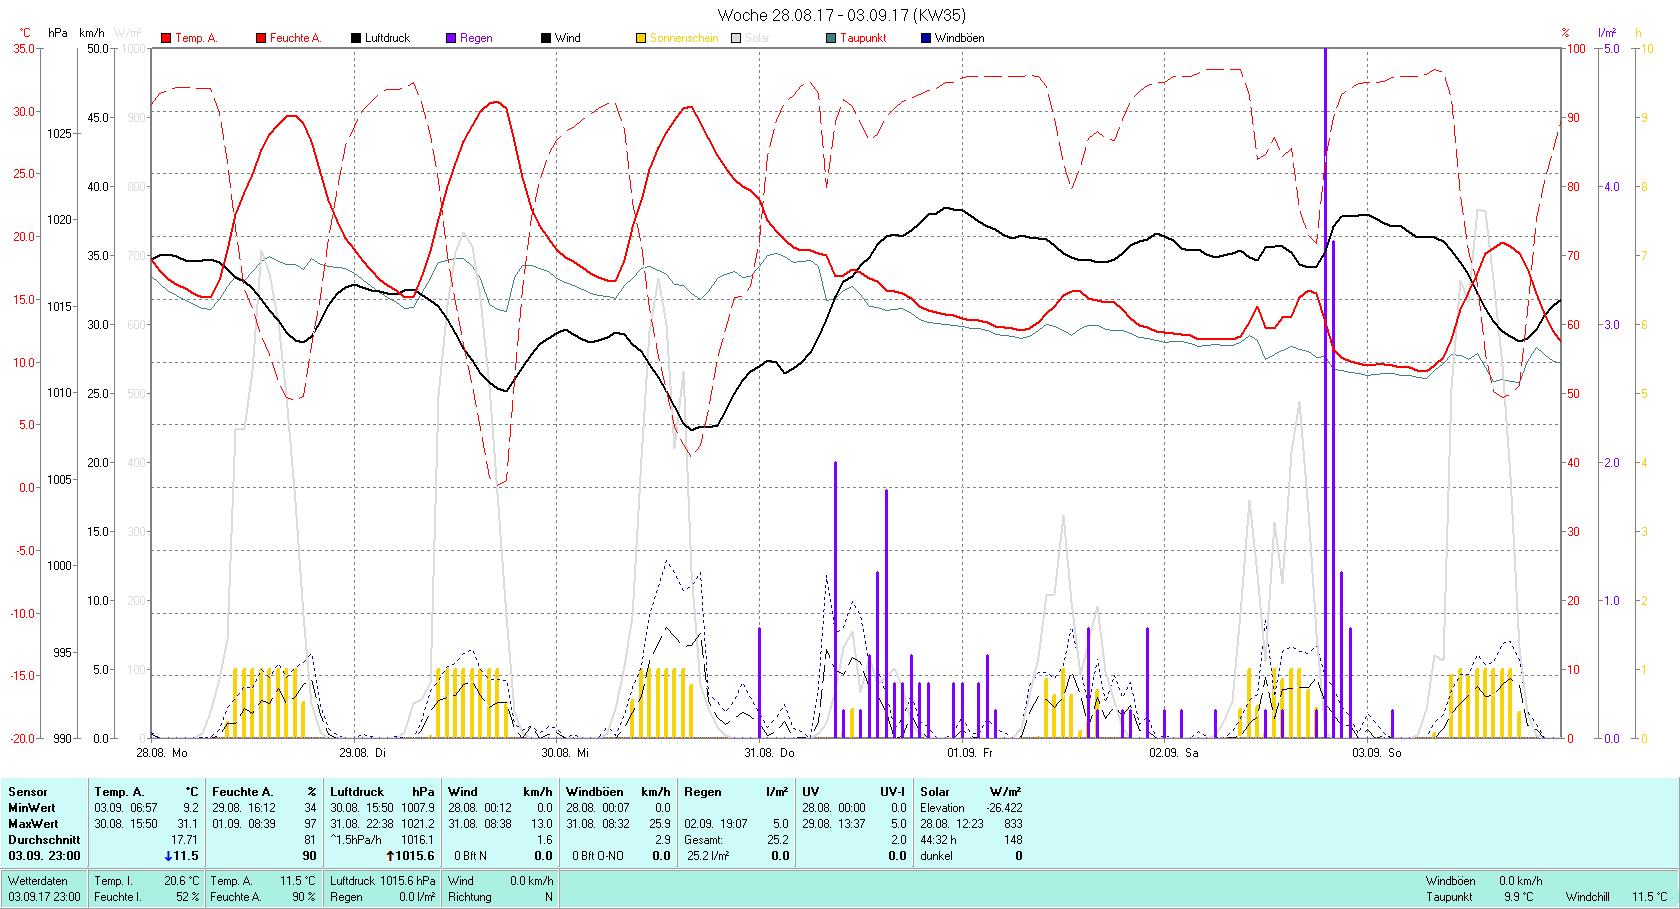 KW 35 Tmin 9.2°C, Tmax 31.1°C, Sonne 44:32 h Niederschlag 25.2 mm2